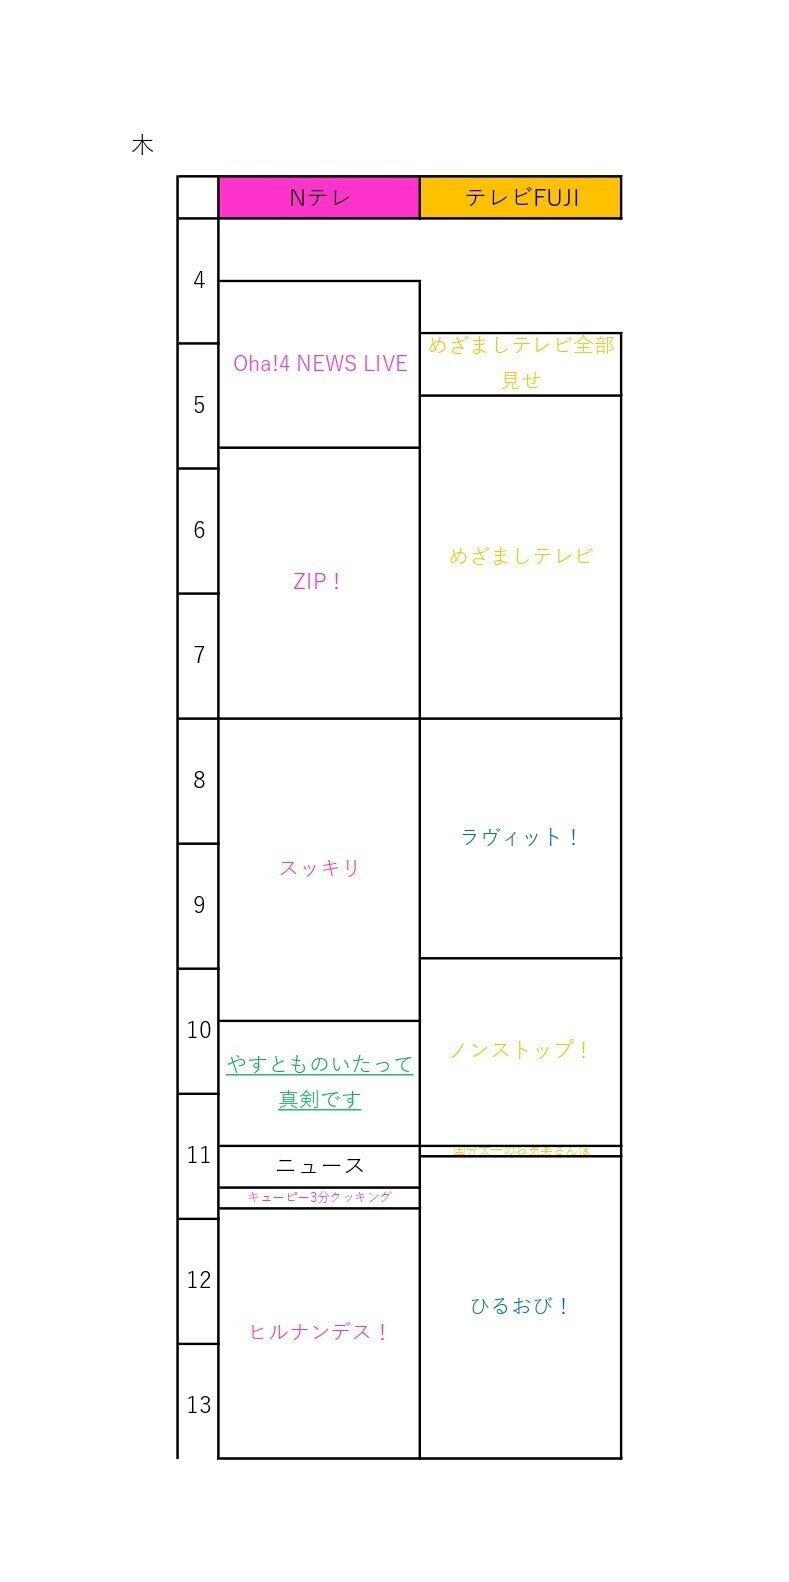 妄想2局番組表(木)_page-0001